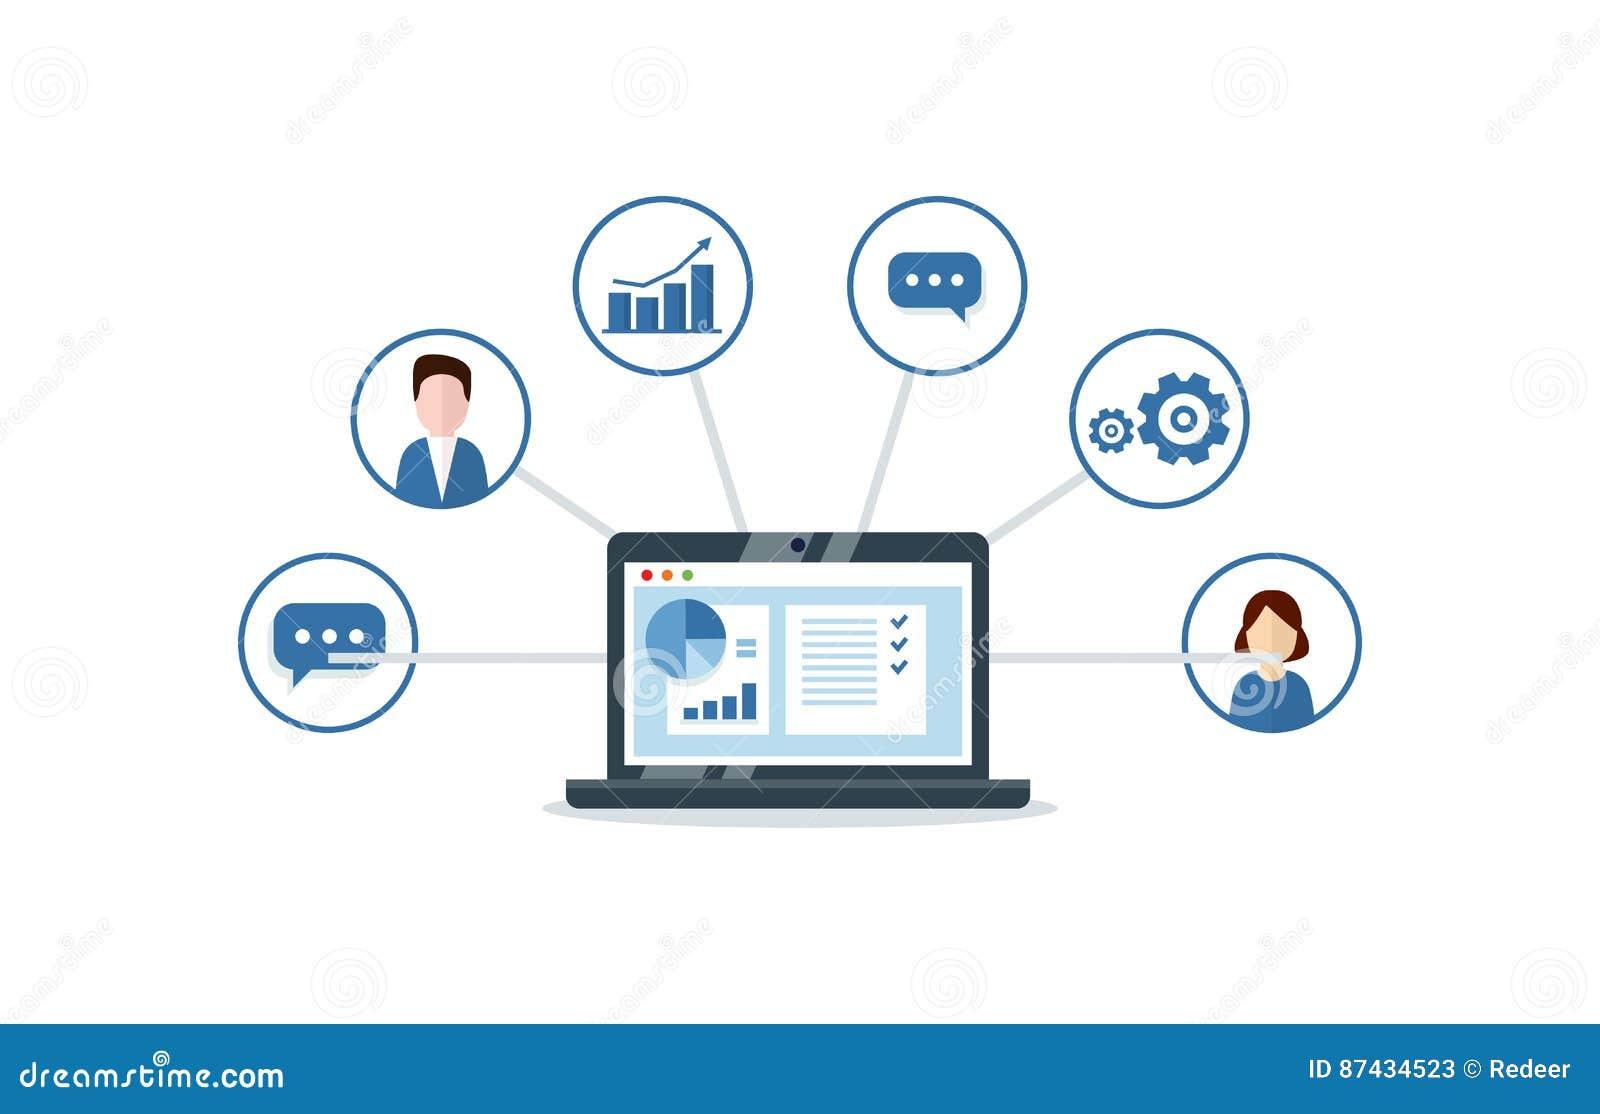 Организация данных на работе с клиентами, концепции CRM Иллюстрация управления отношения клиента